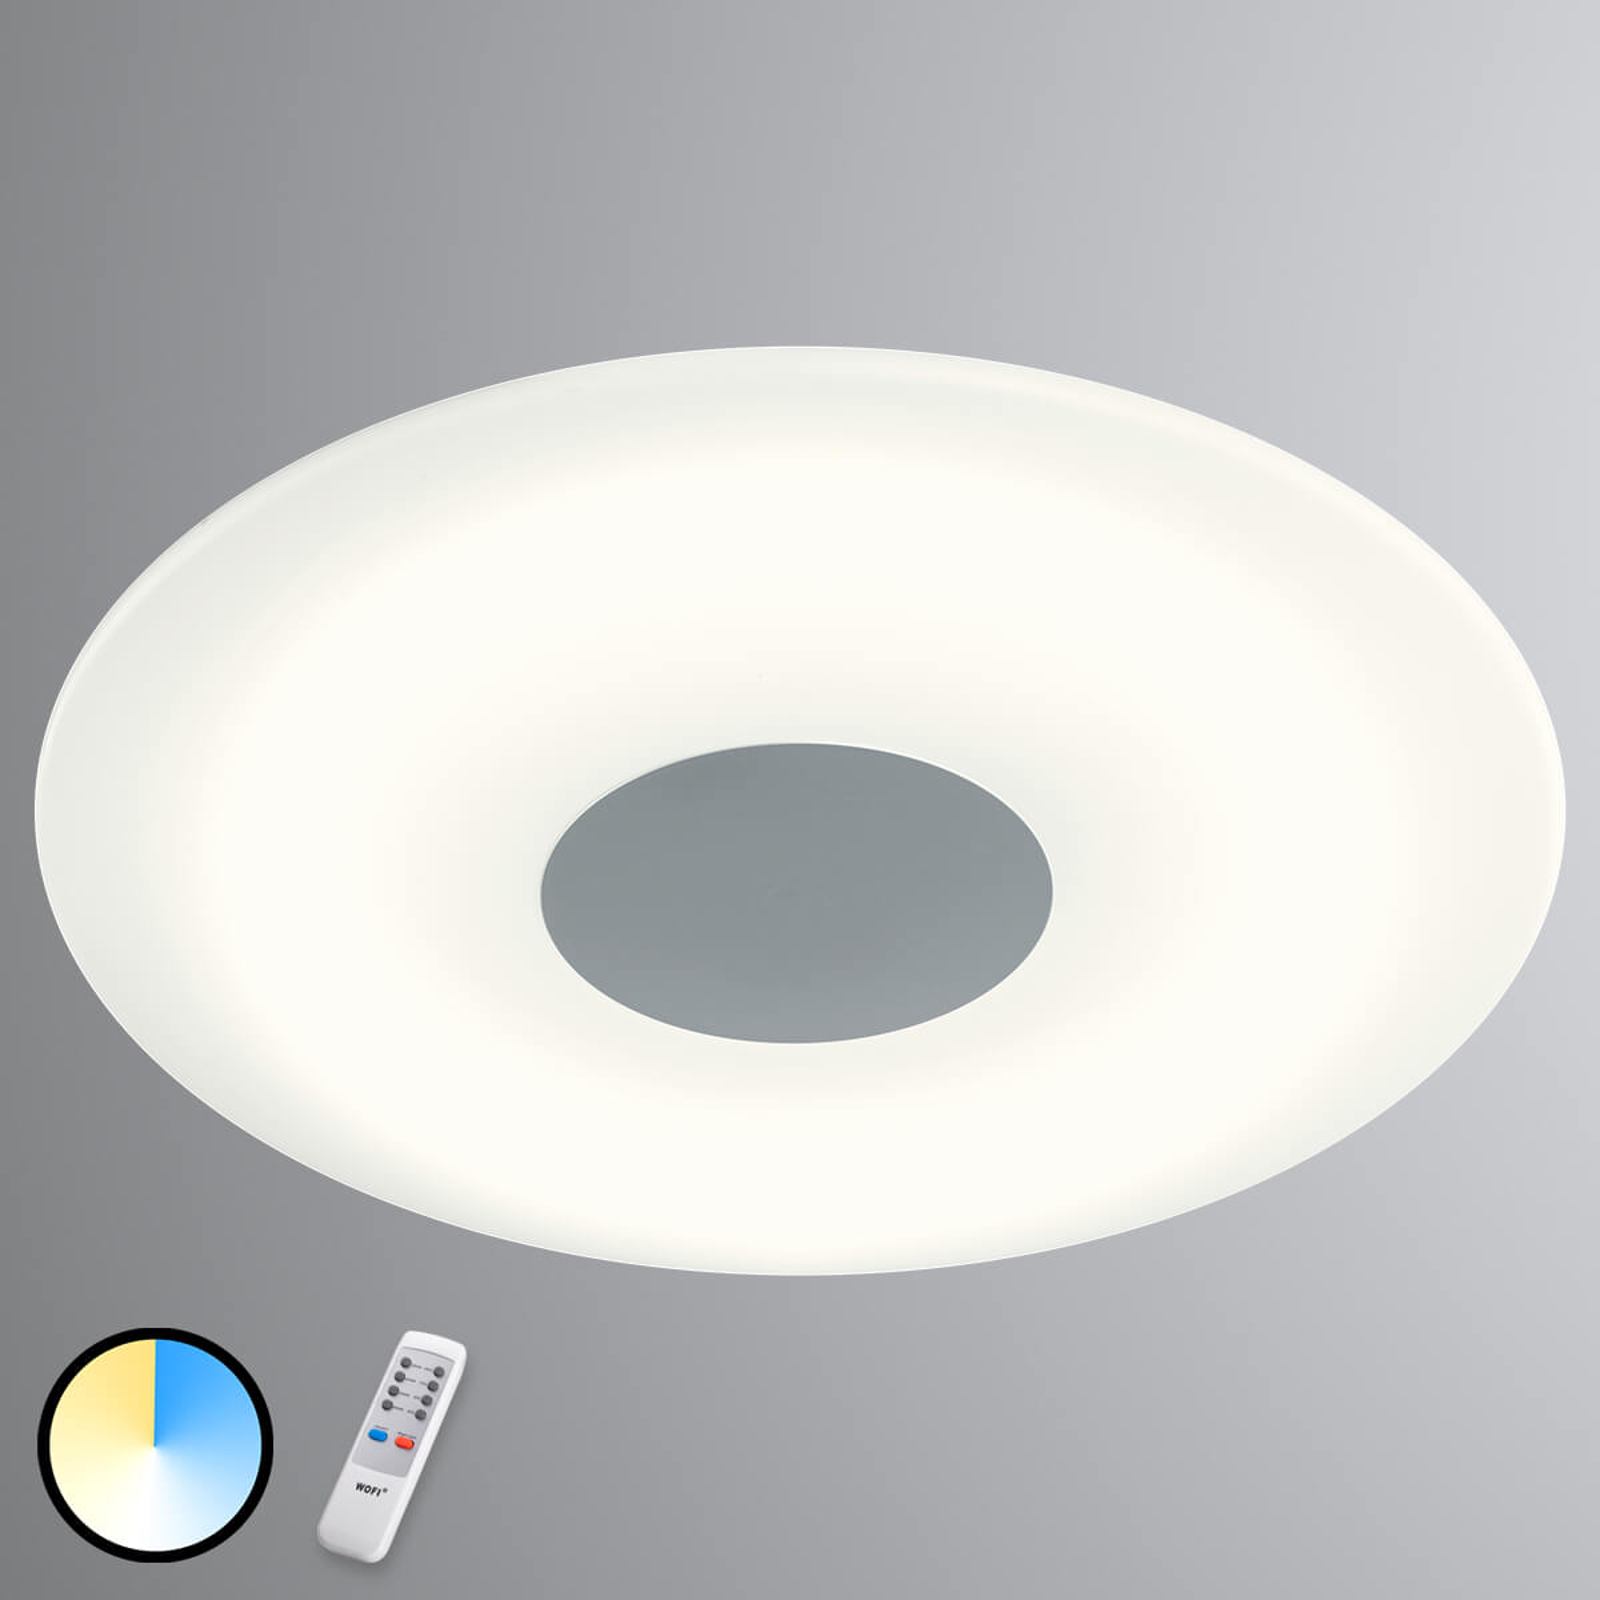 Kara - lampa sufitowa LED, różne barwy światła